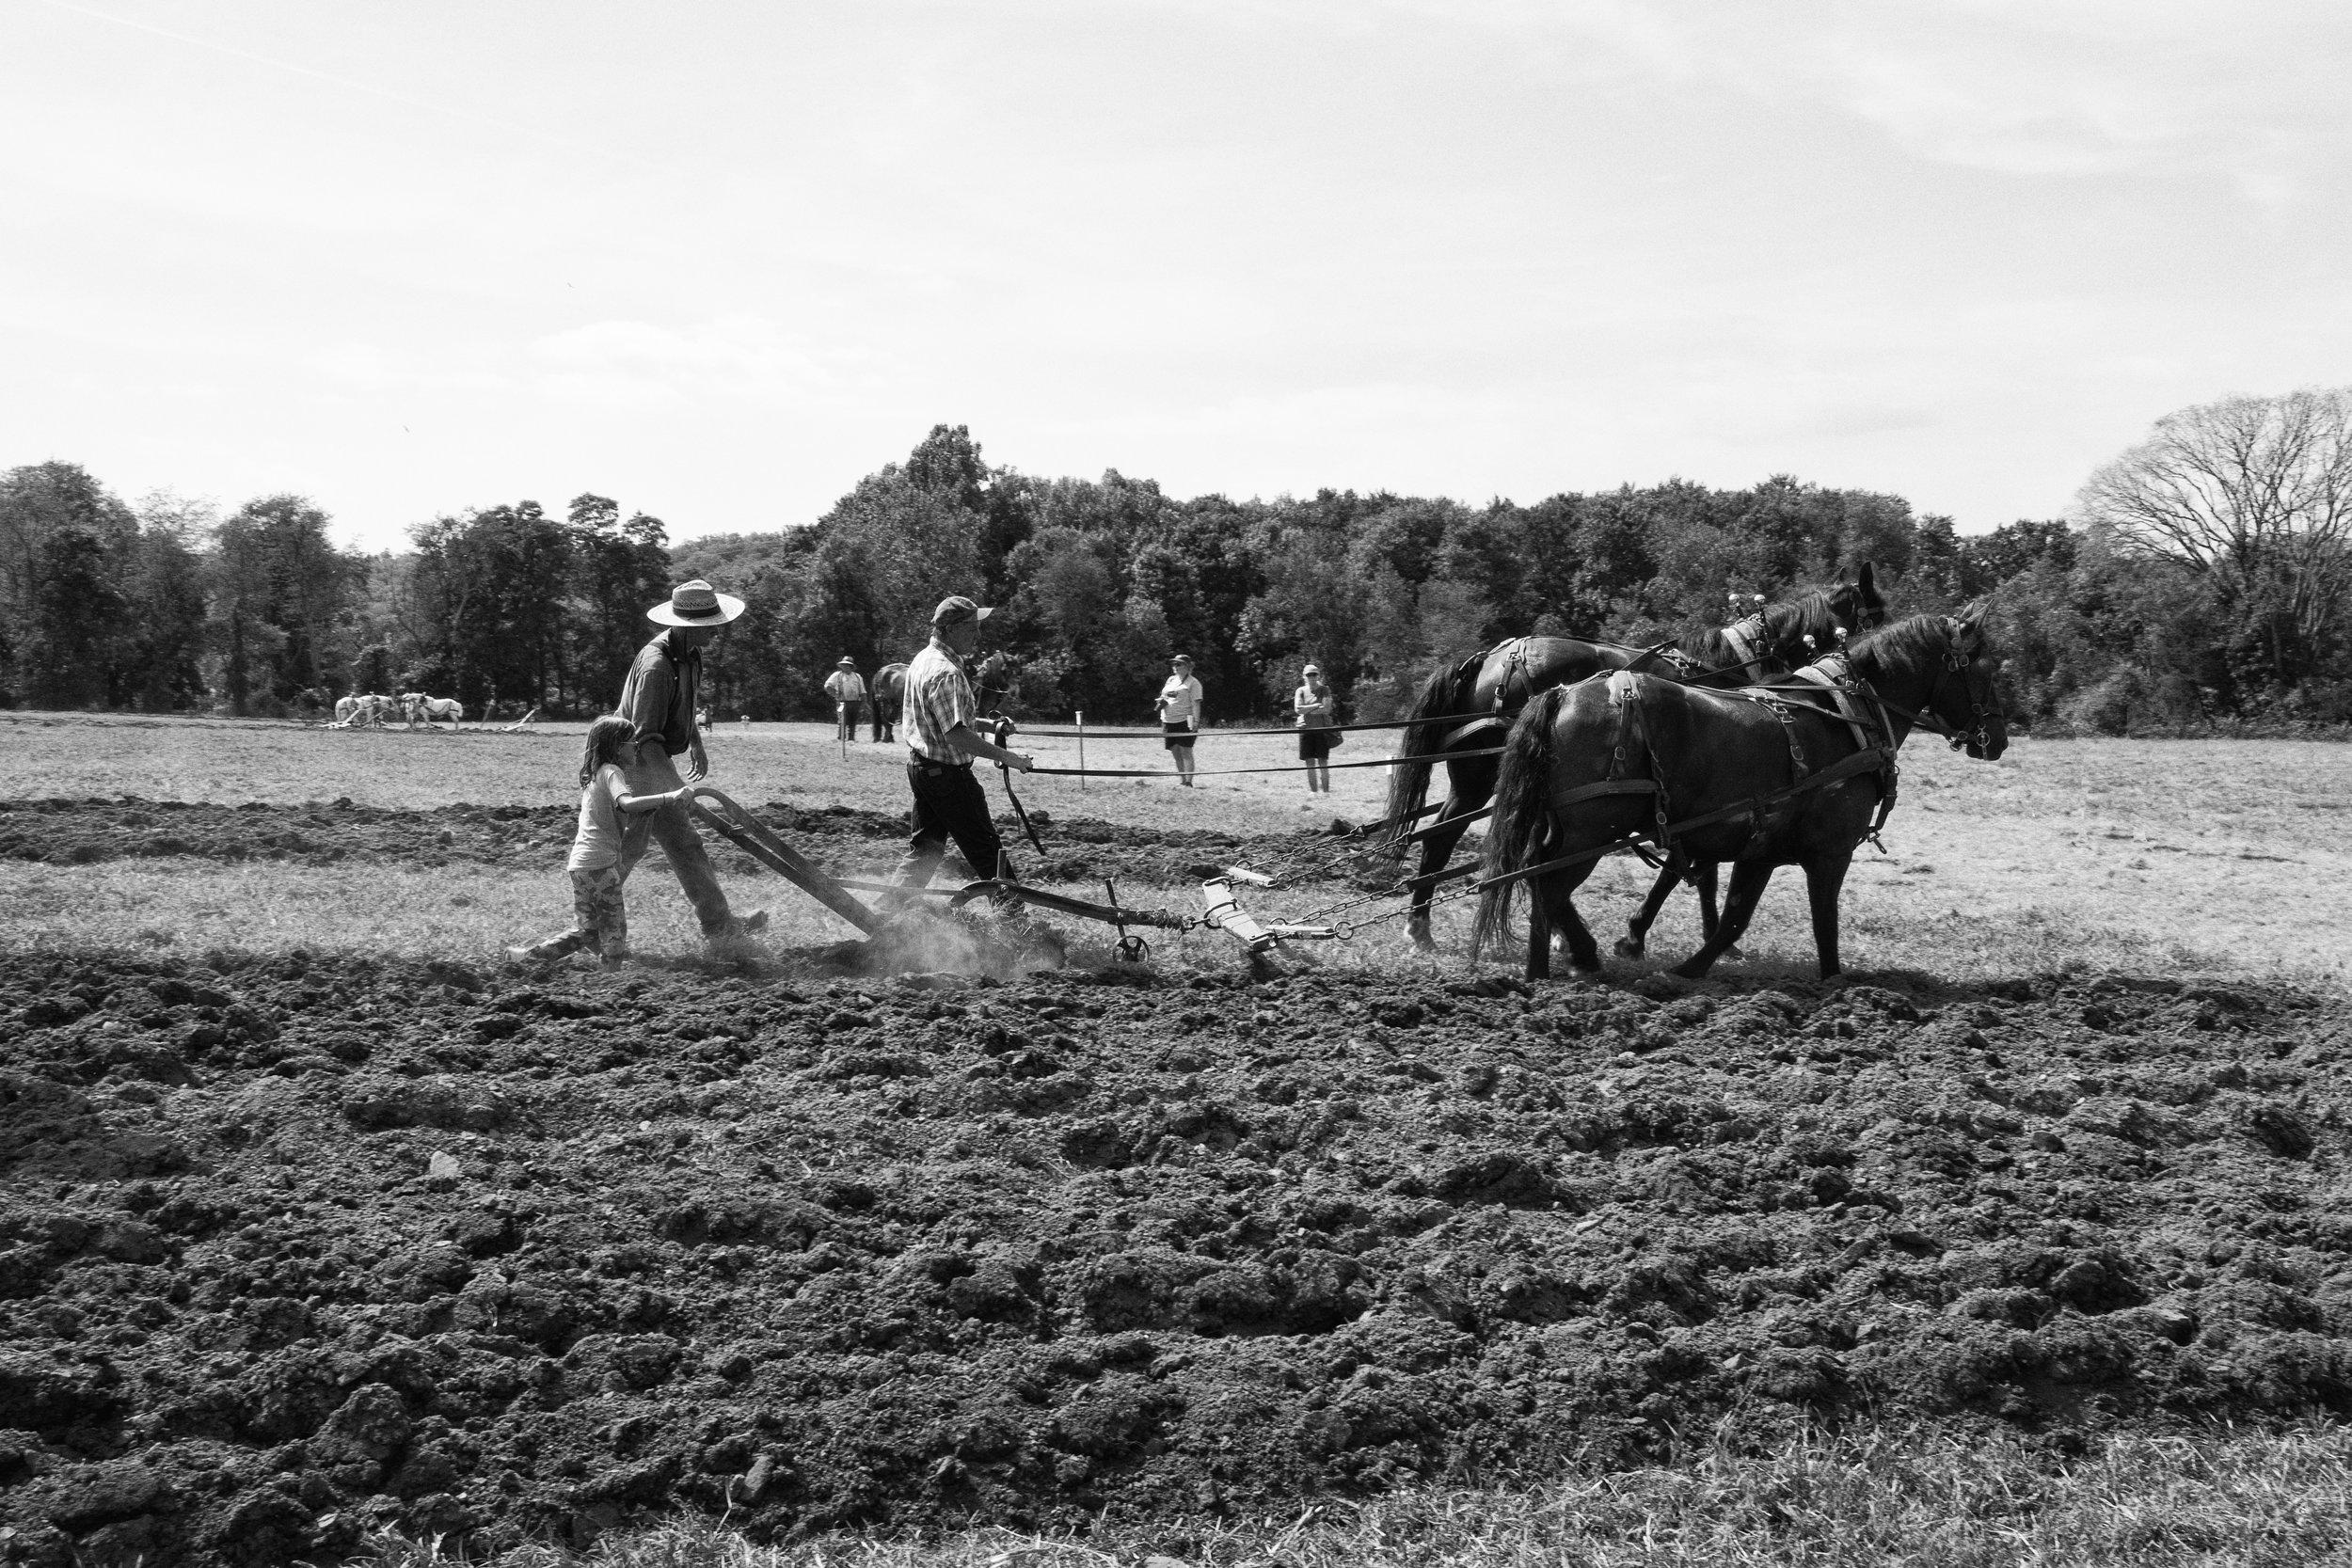 Plowing the fields 2